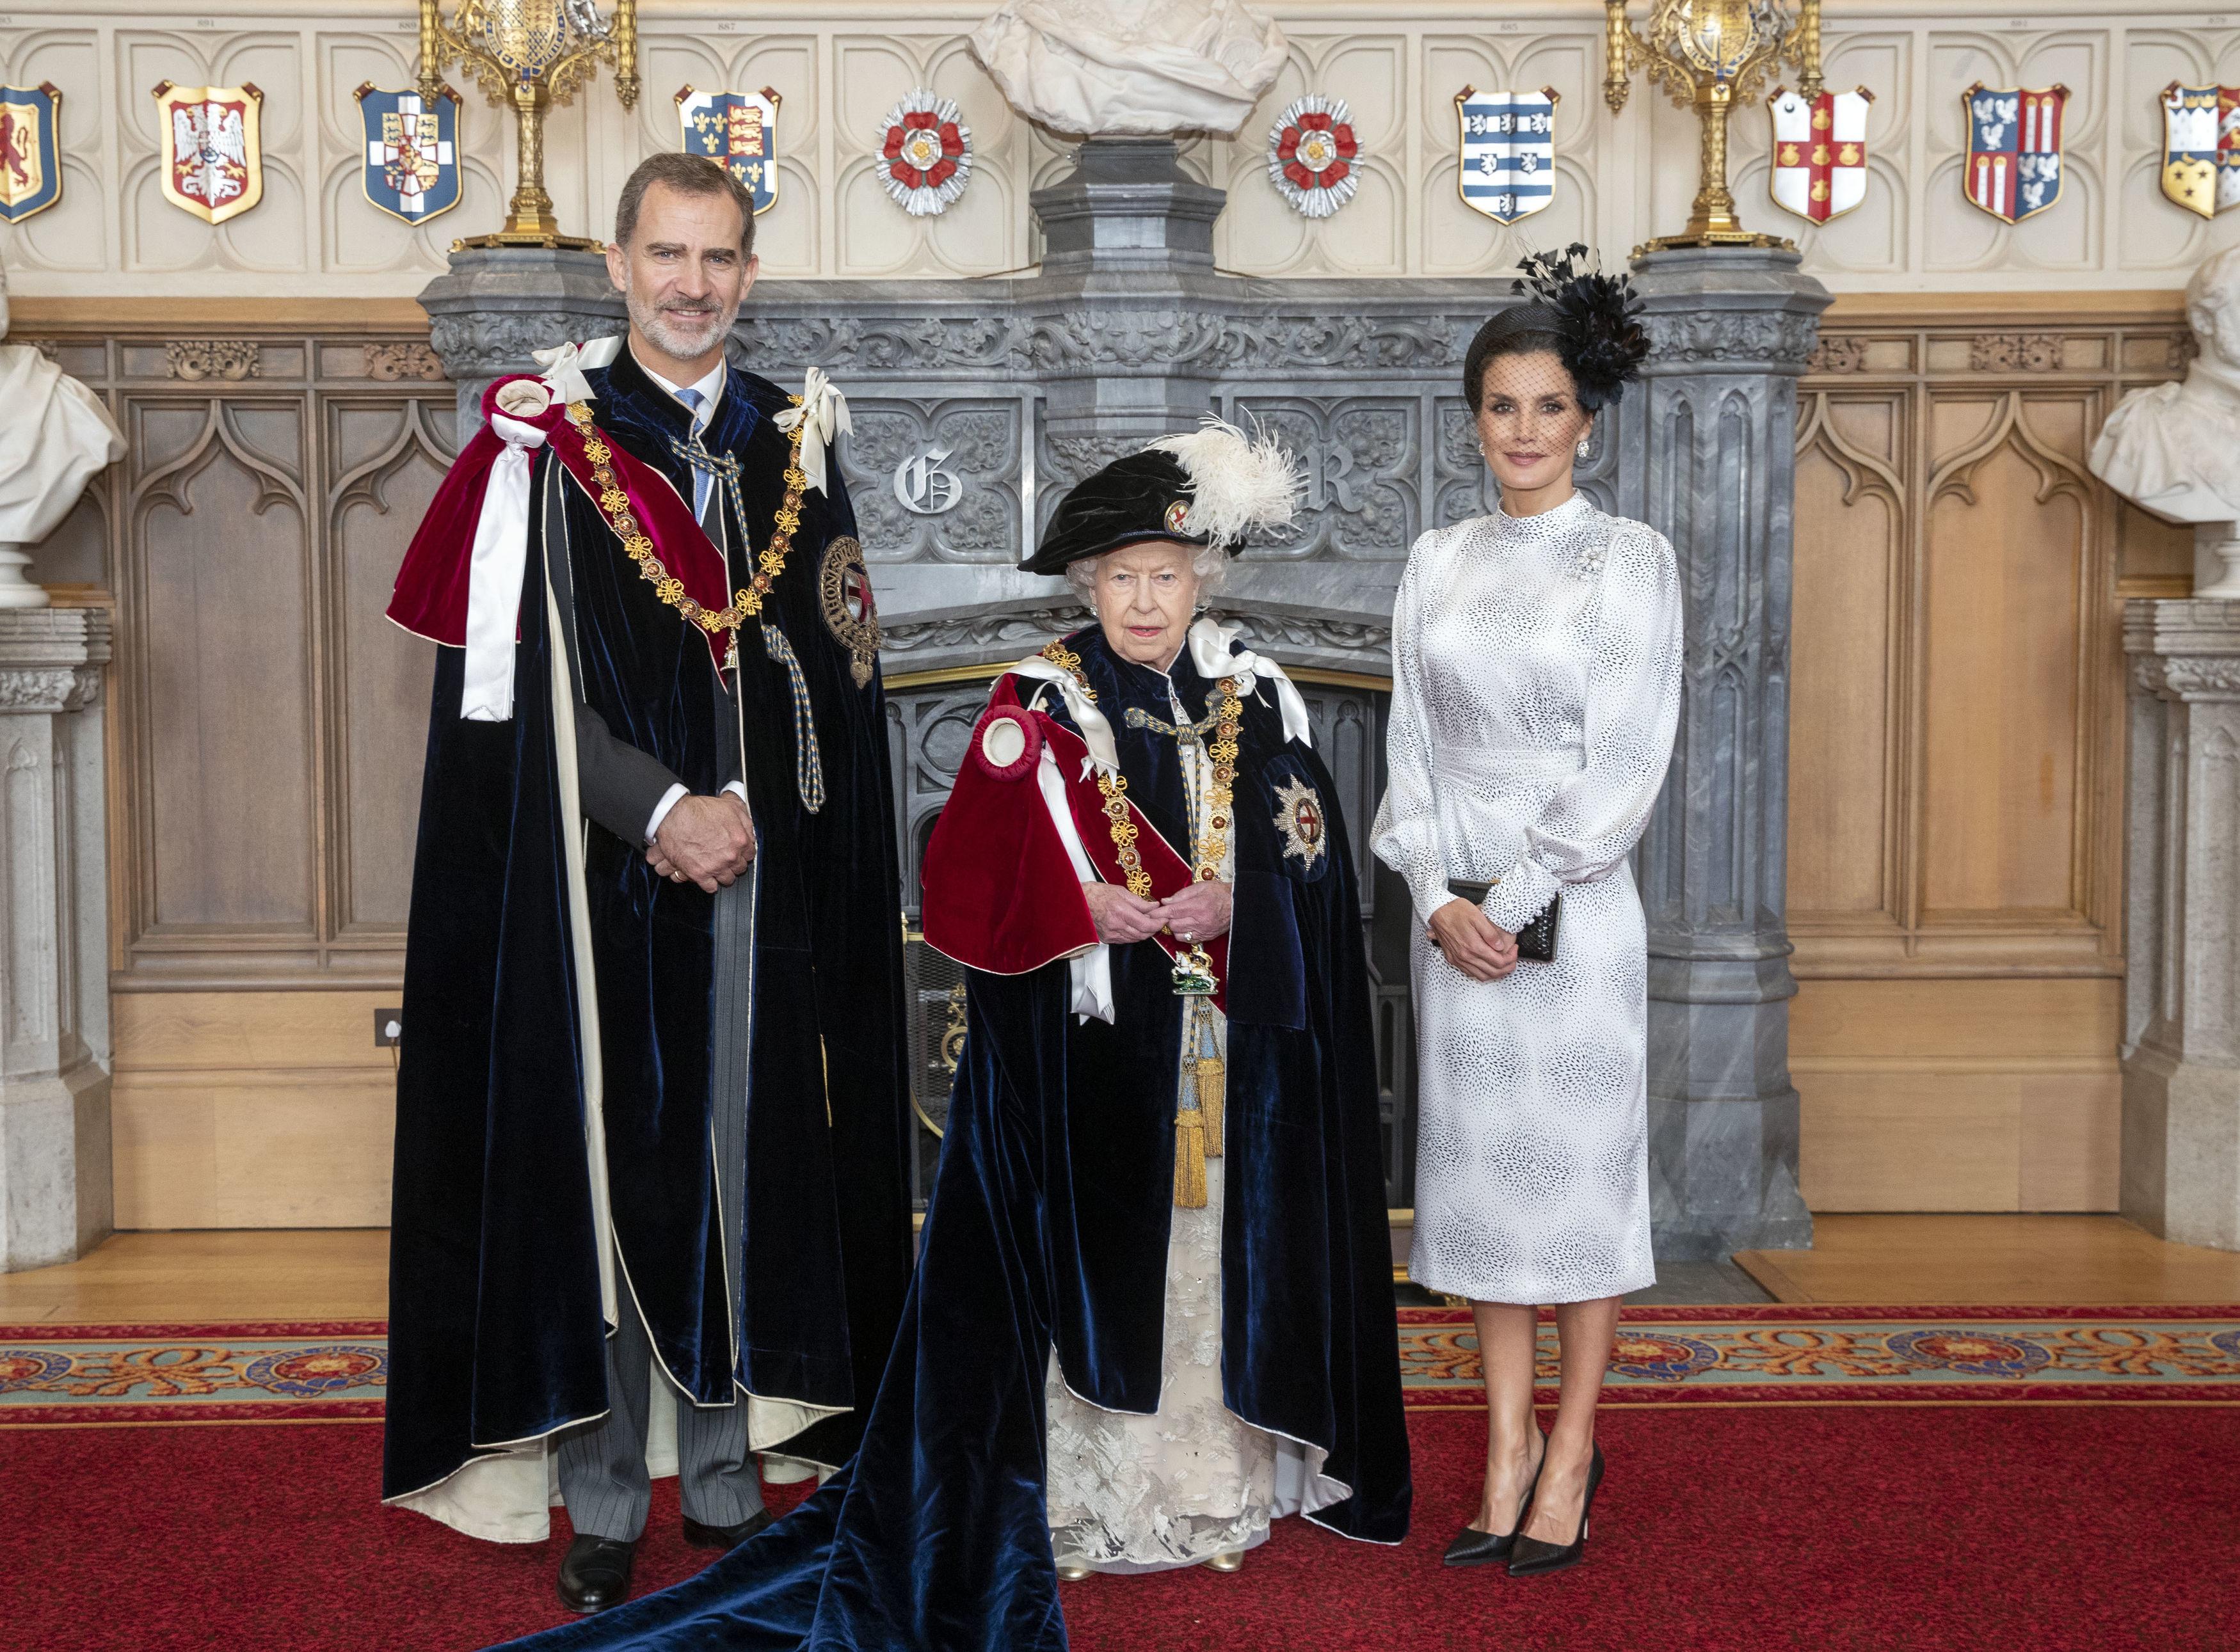 Rey Felipe VI Reina Isabel Reina Letizia